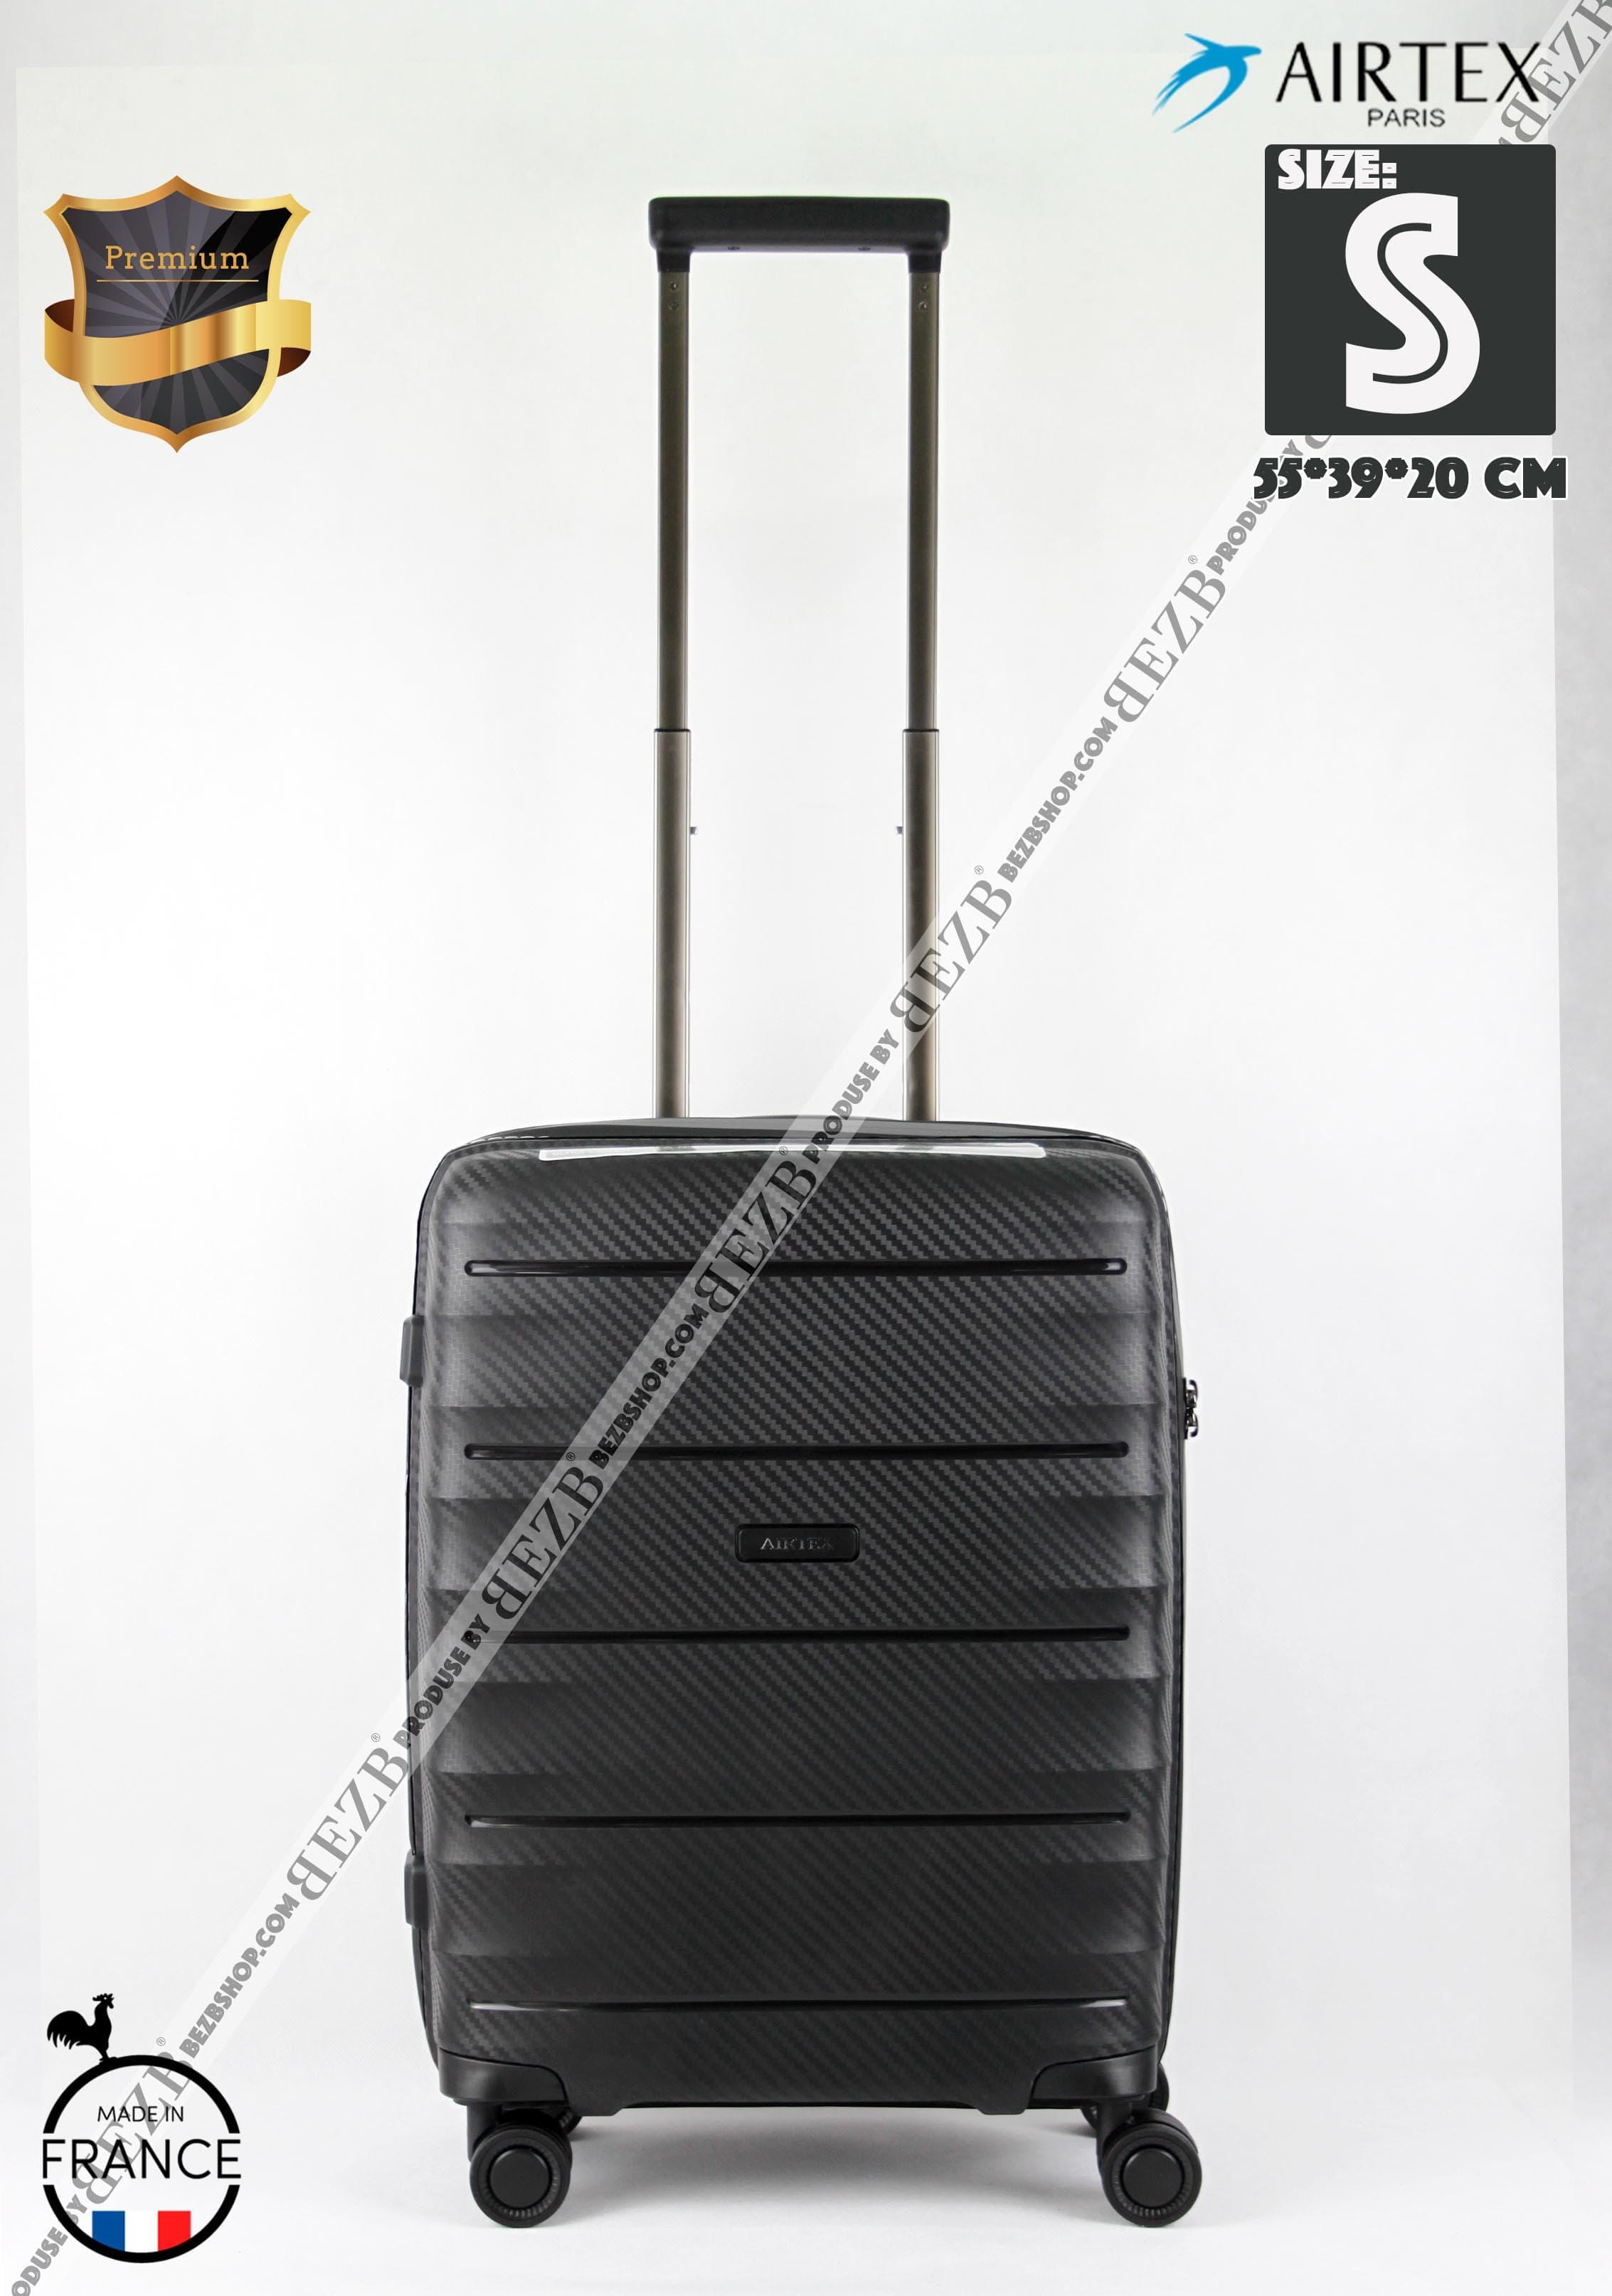 Ультралегкий чемодан,ручная кладь из полипропилена  на 4-х колесах Для ручной клади,до 7/10 кг